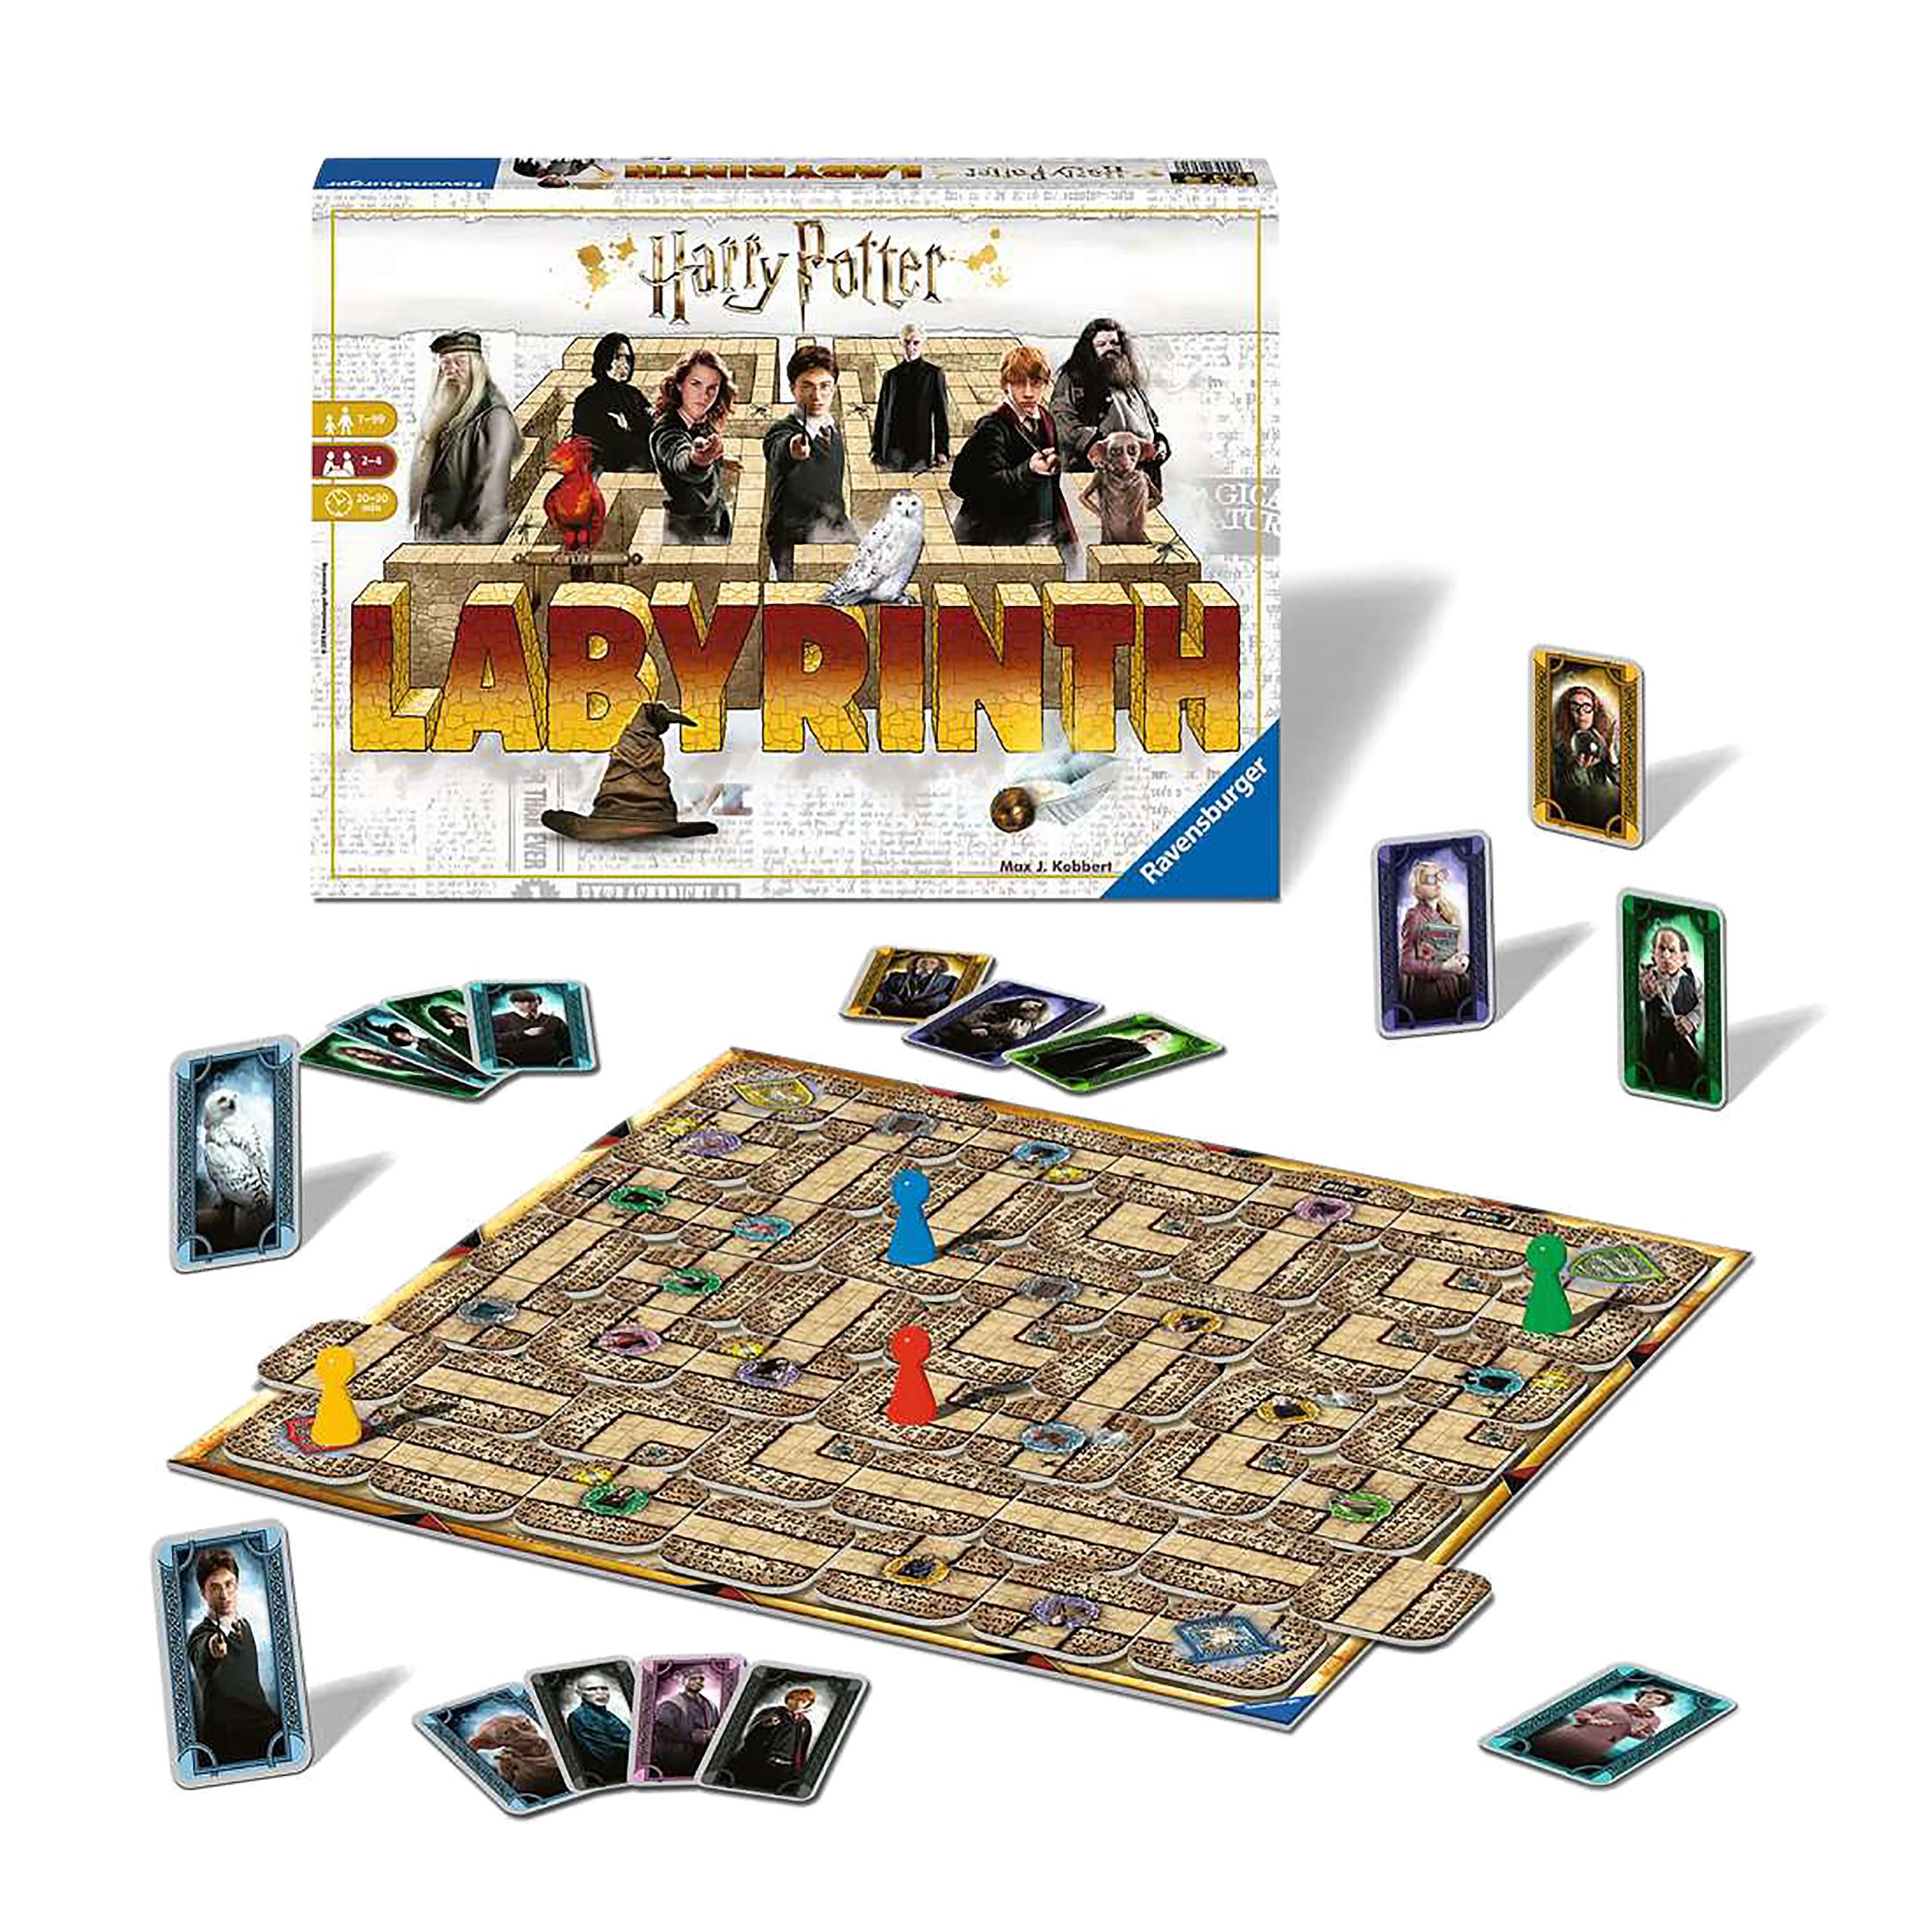 Harry Potter - Das verrückte Labyrinth Brettspiel